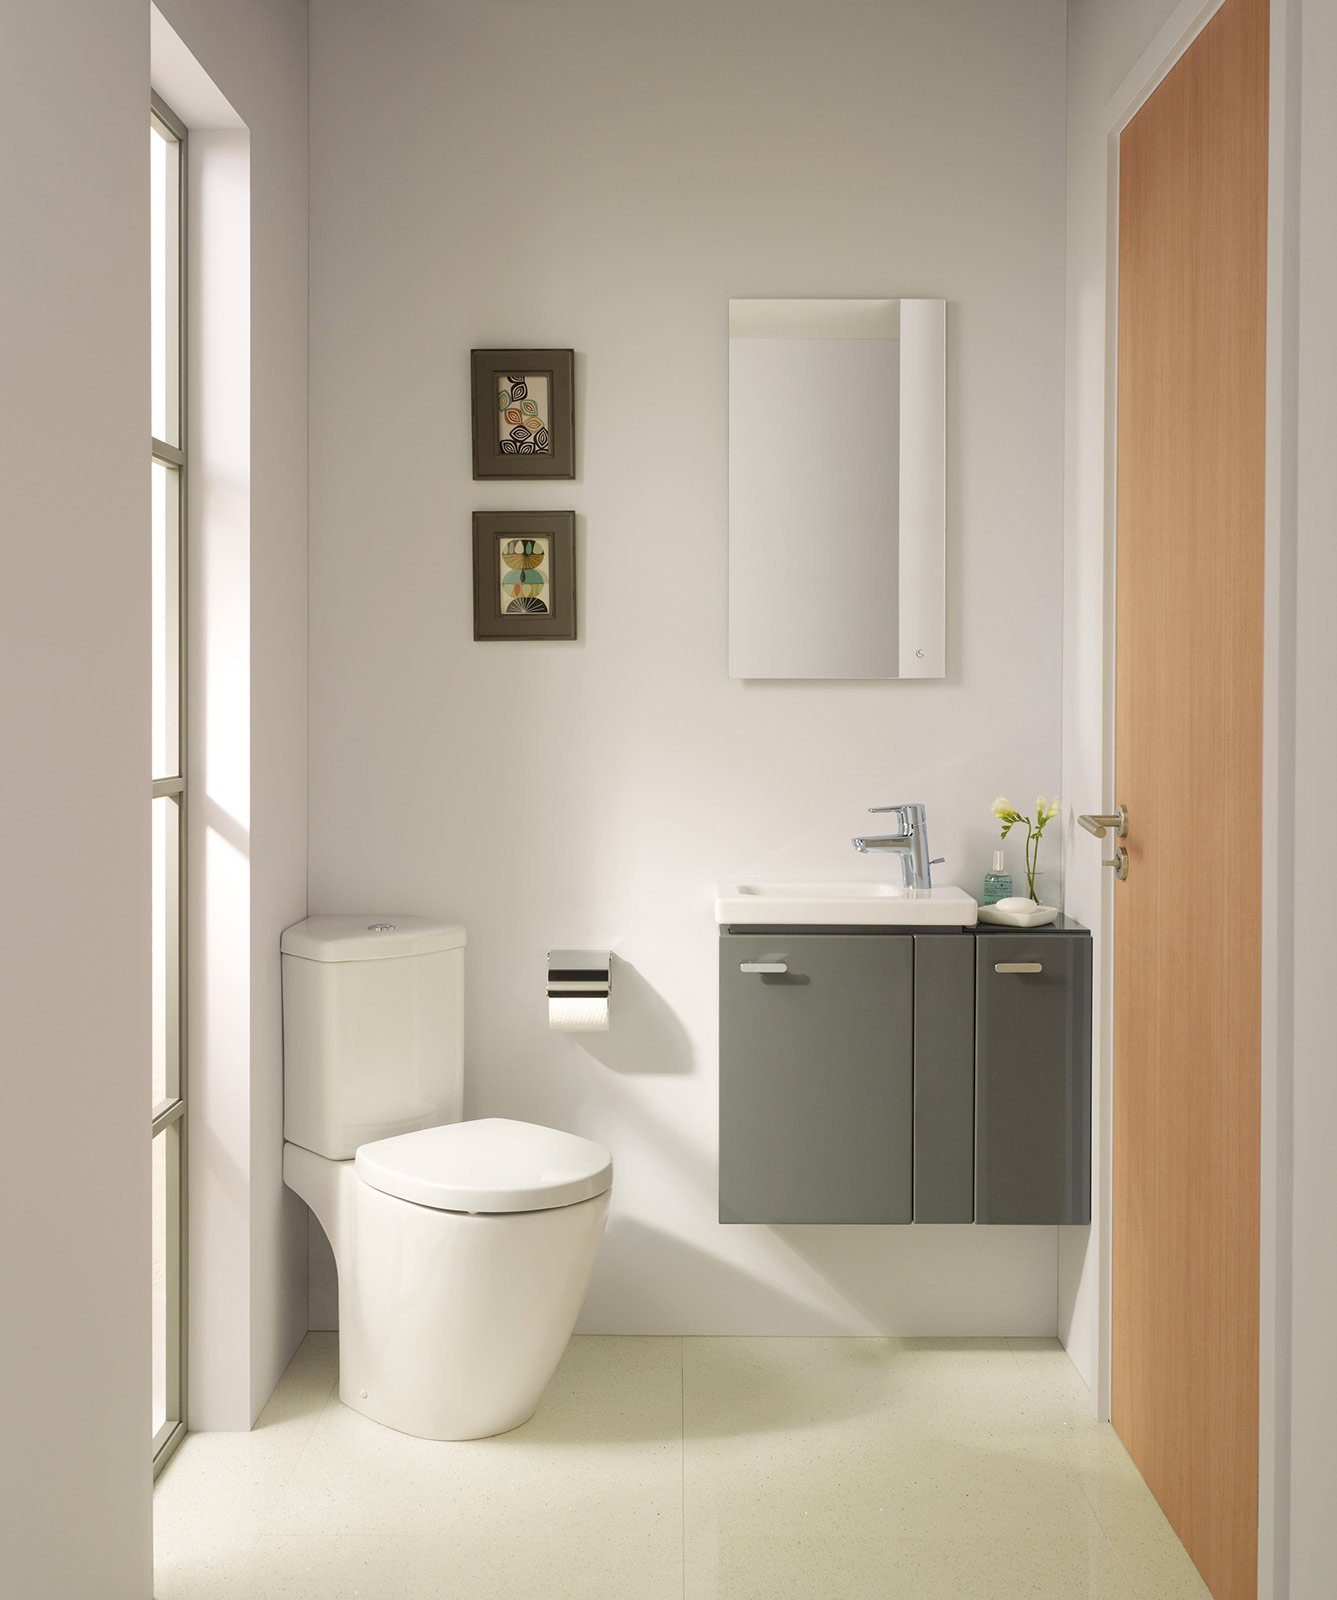 Bagno piccolo soluzioni piccole cose di casa - Bagno piccolissimo soluzioni ...